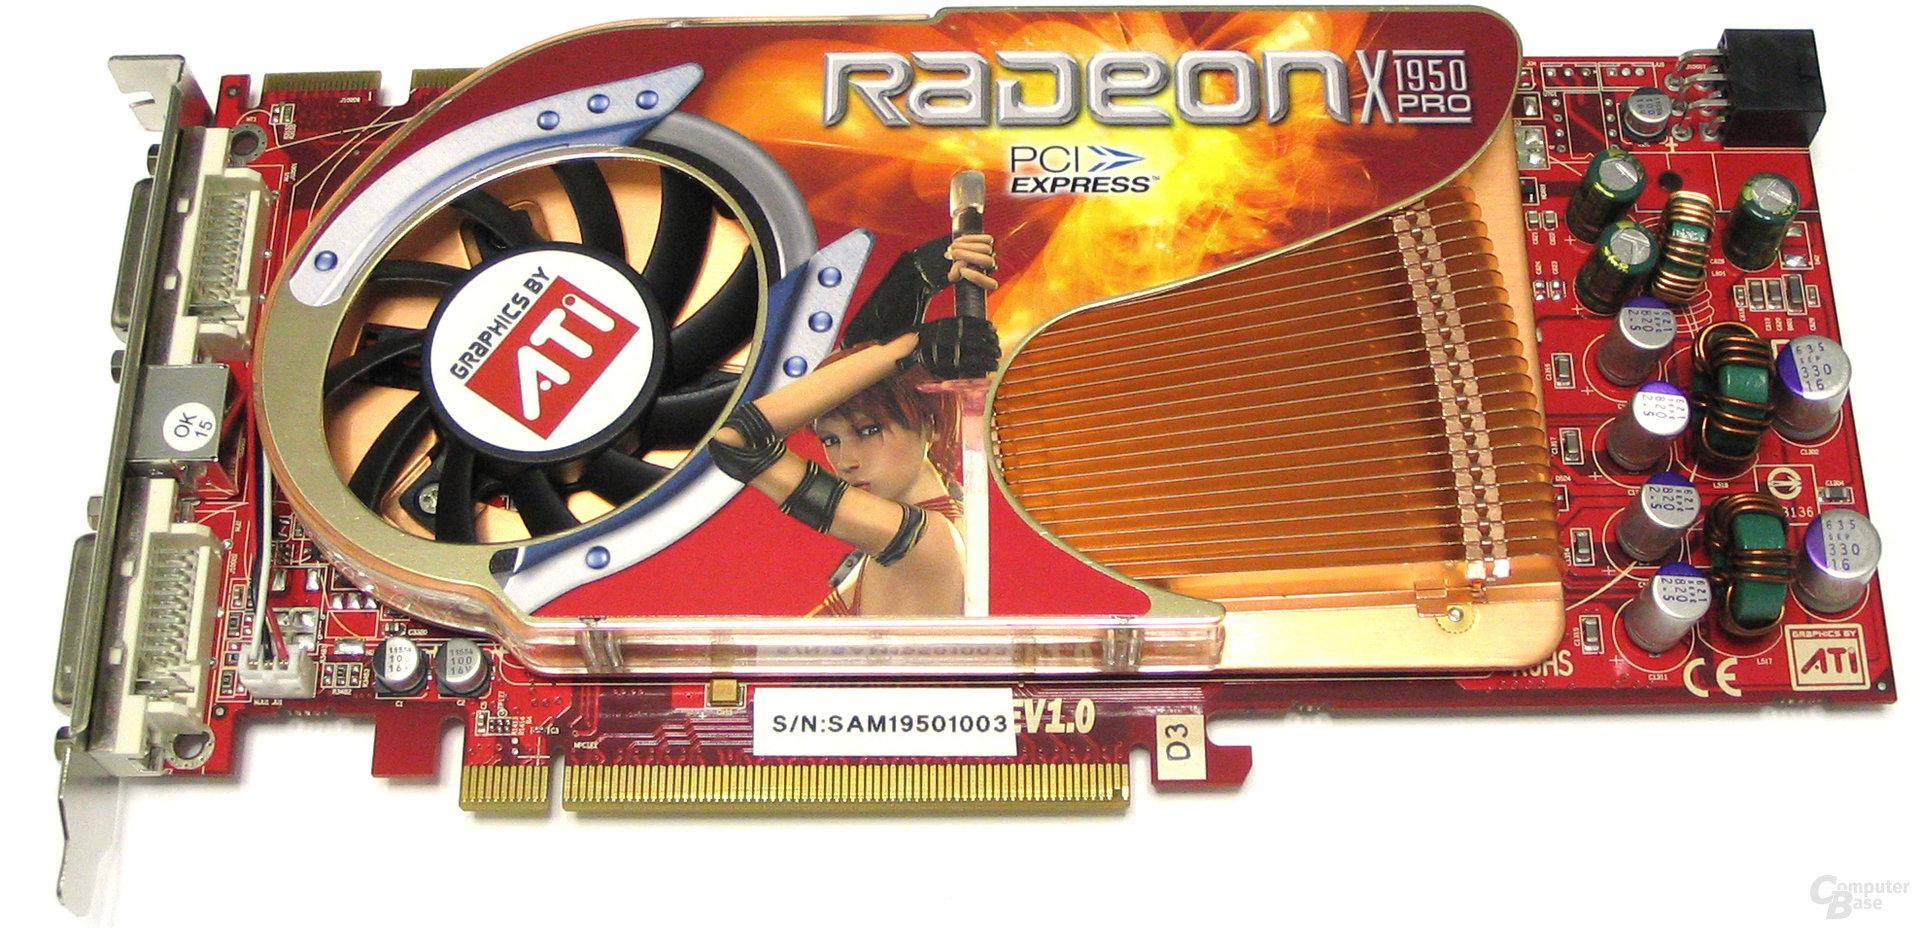 GeCube Radeon X1950 Pro